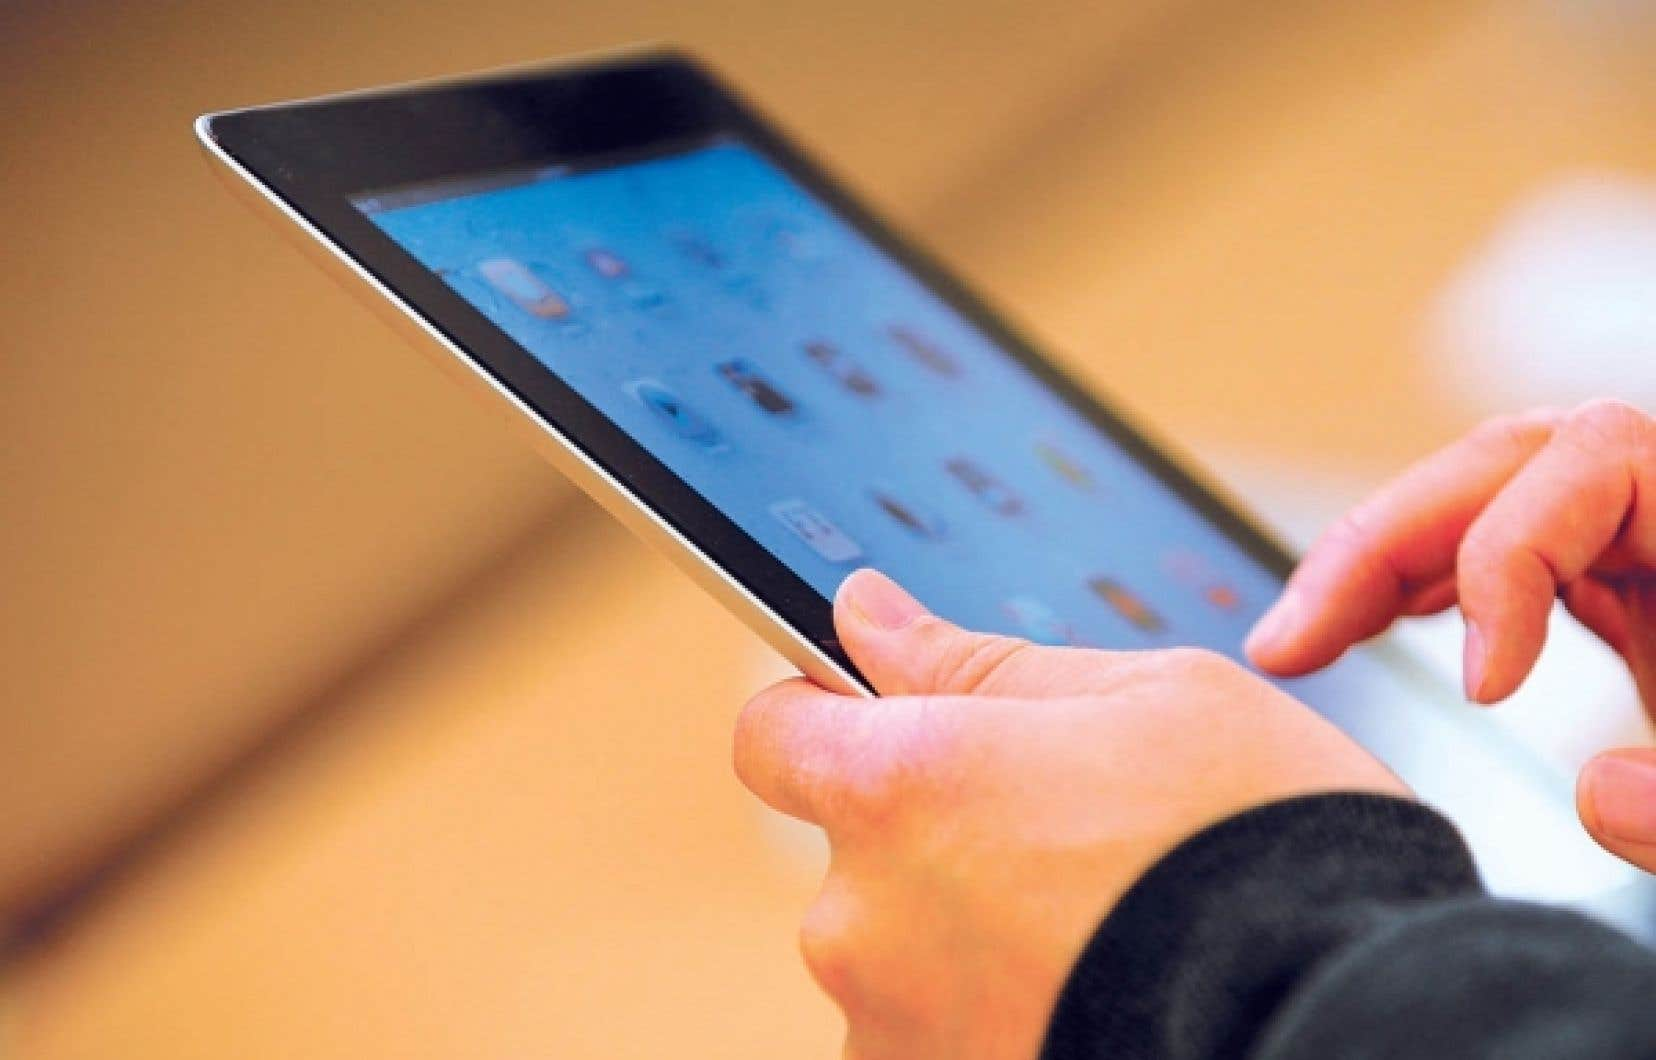 Sous la houlette des technologies, notre rapport aux objets et à la communication se fait de plus en plus tactile. <br />